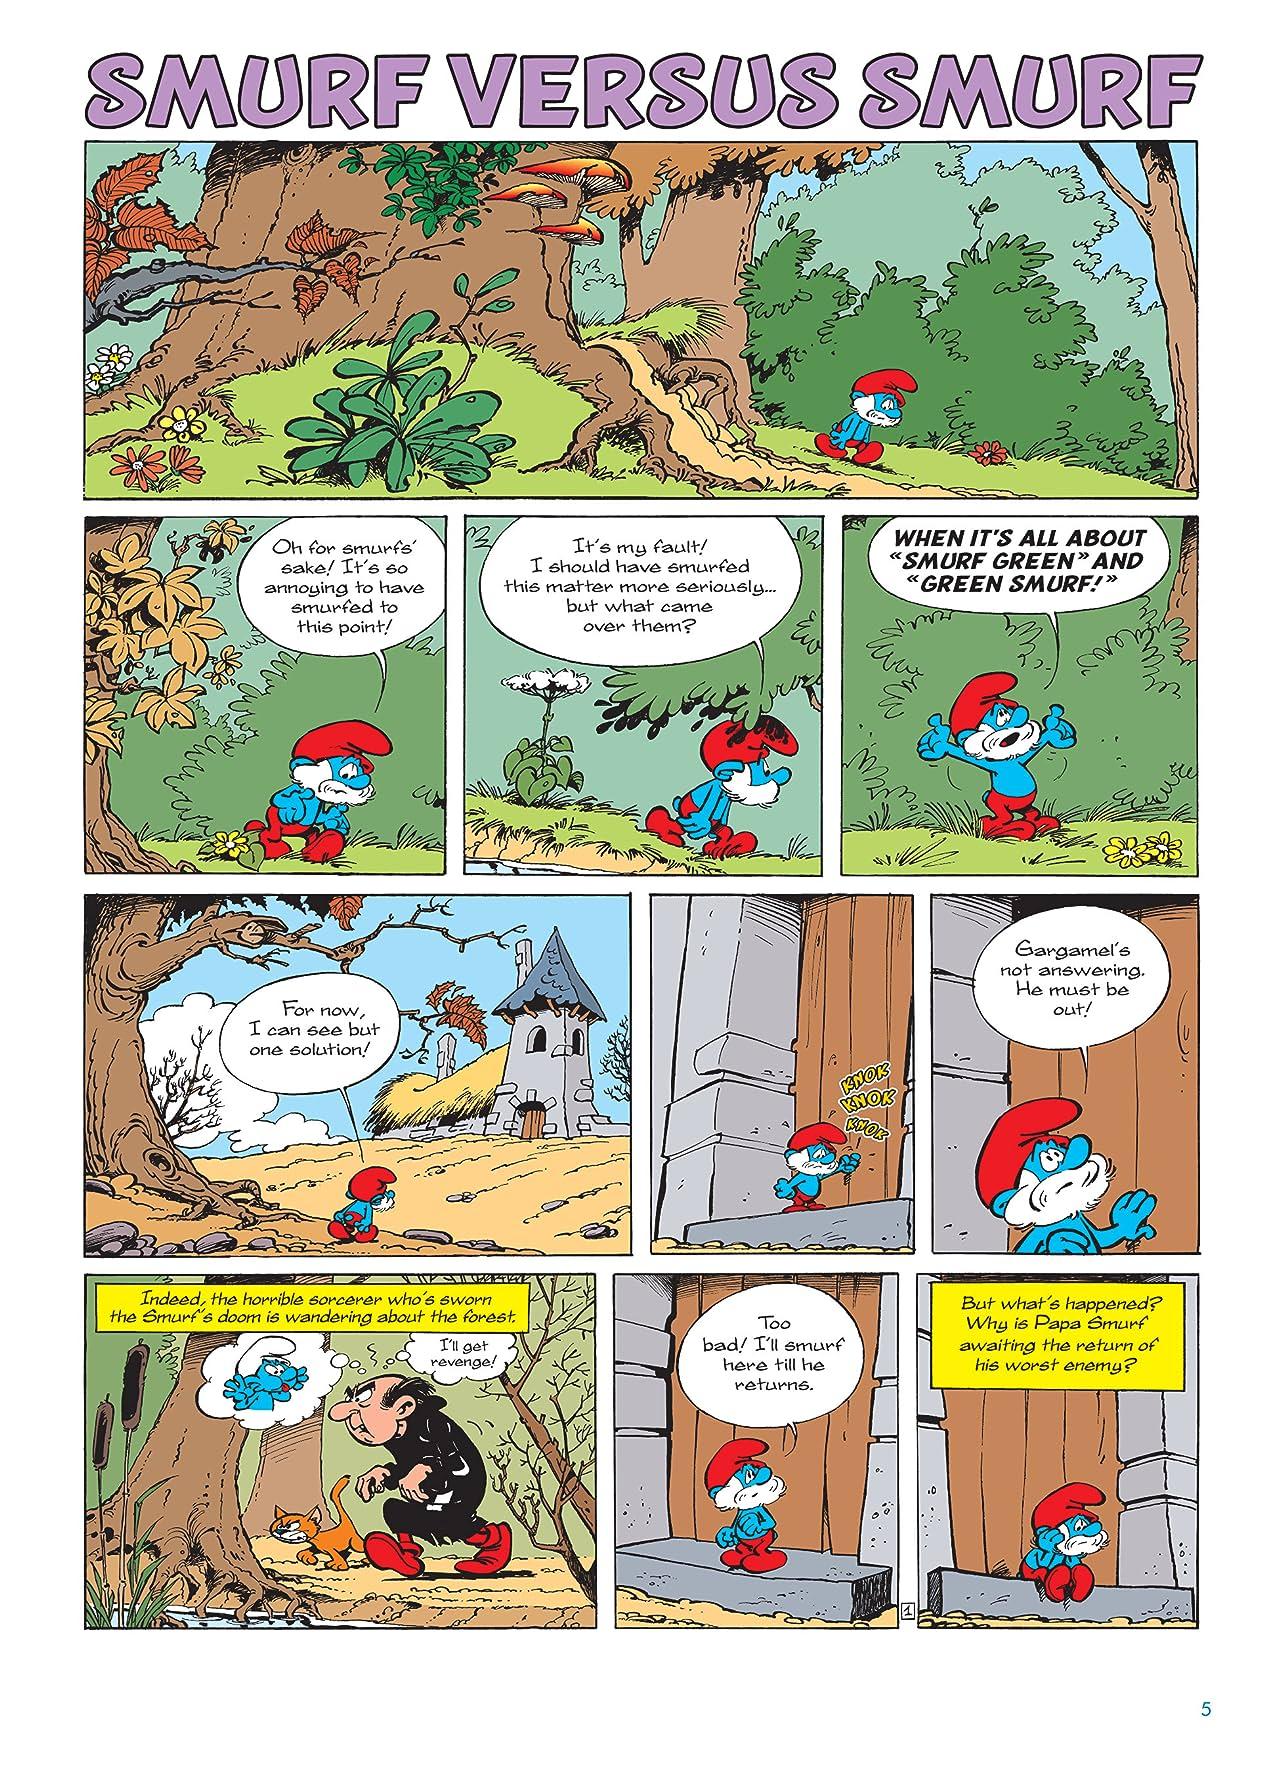 The Smurfs Vol. 12: Smurf Vs. Smurf - Preview